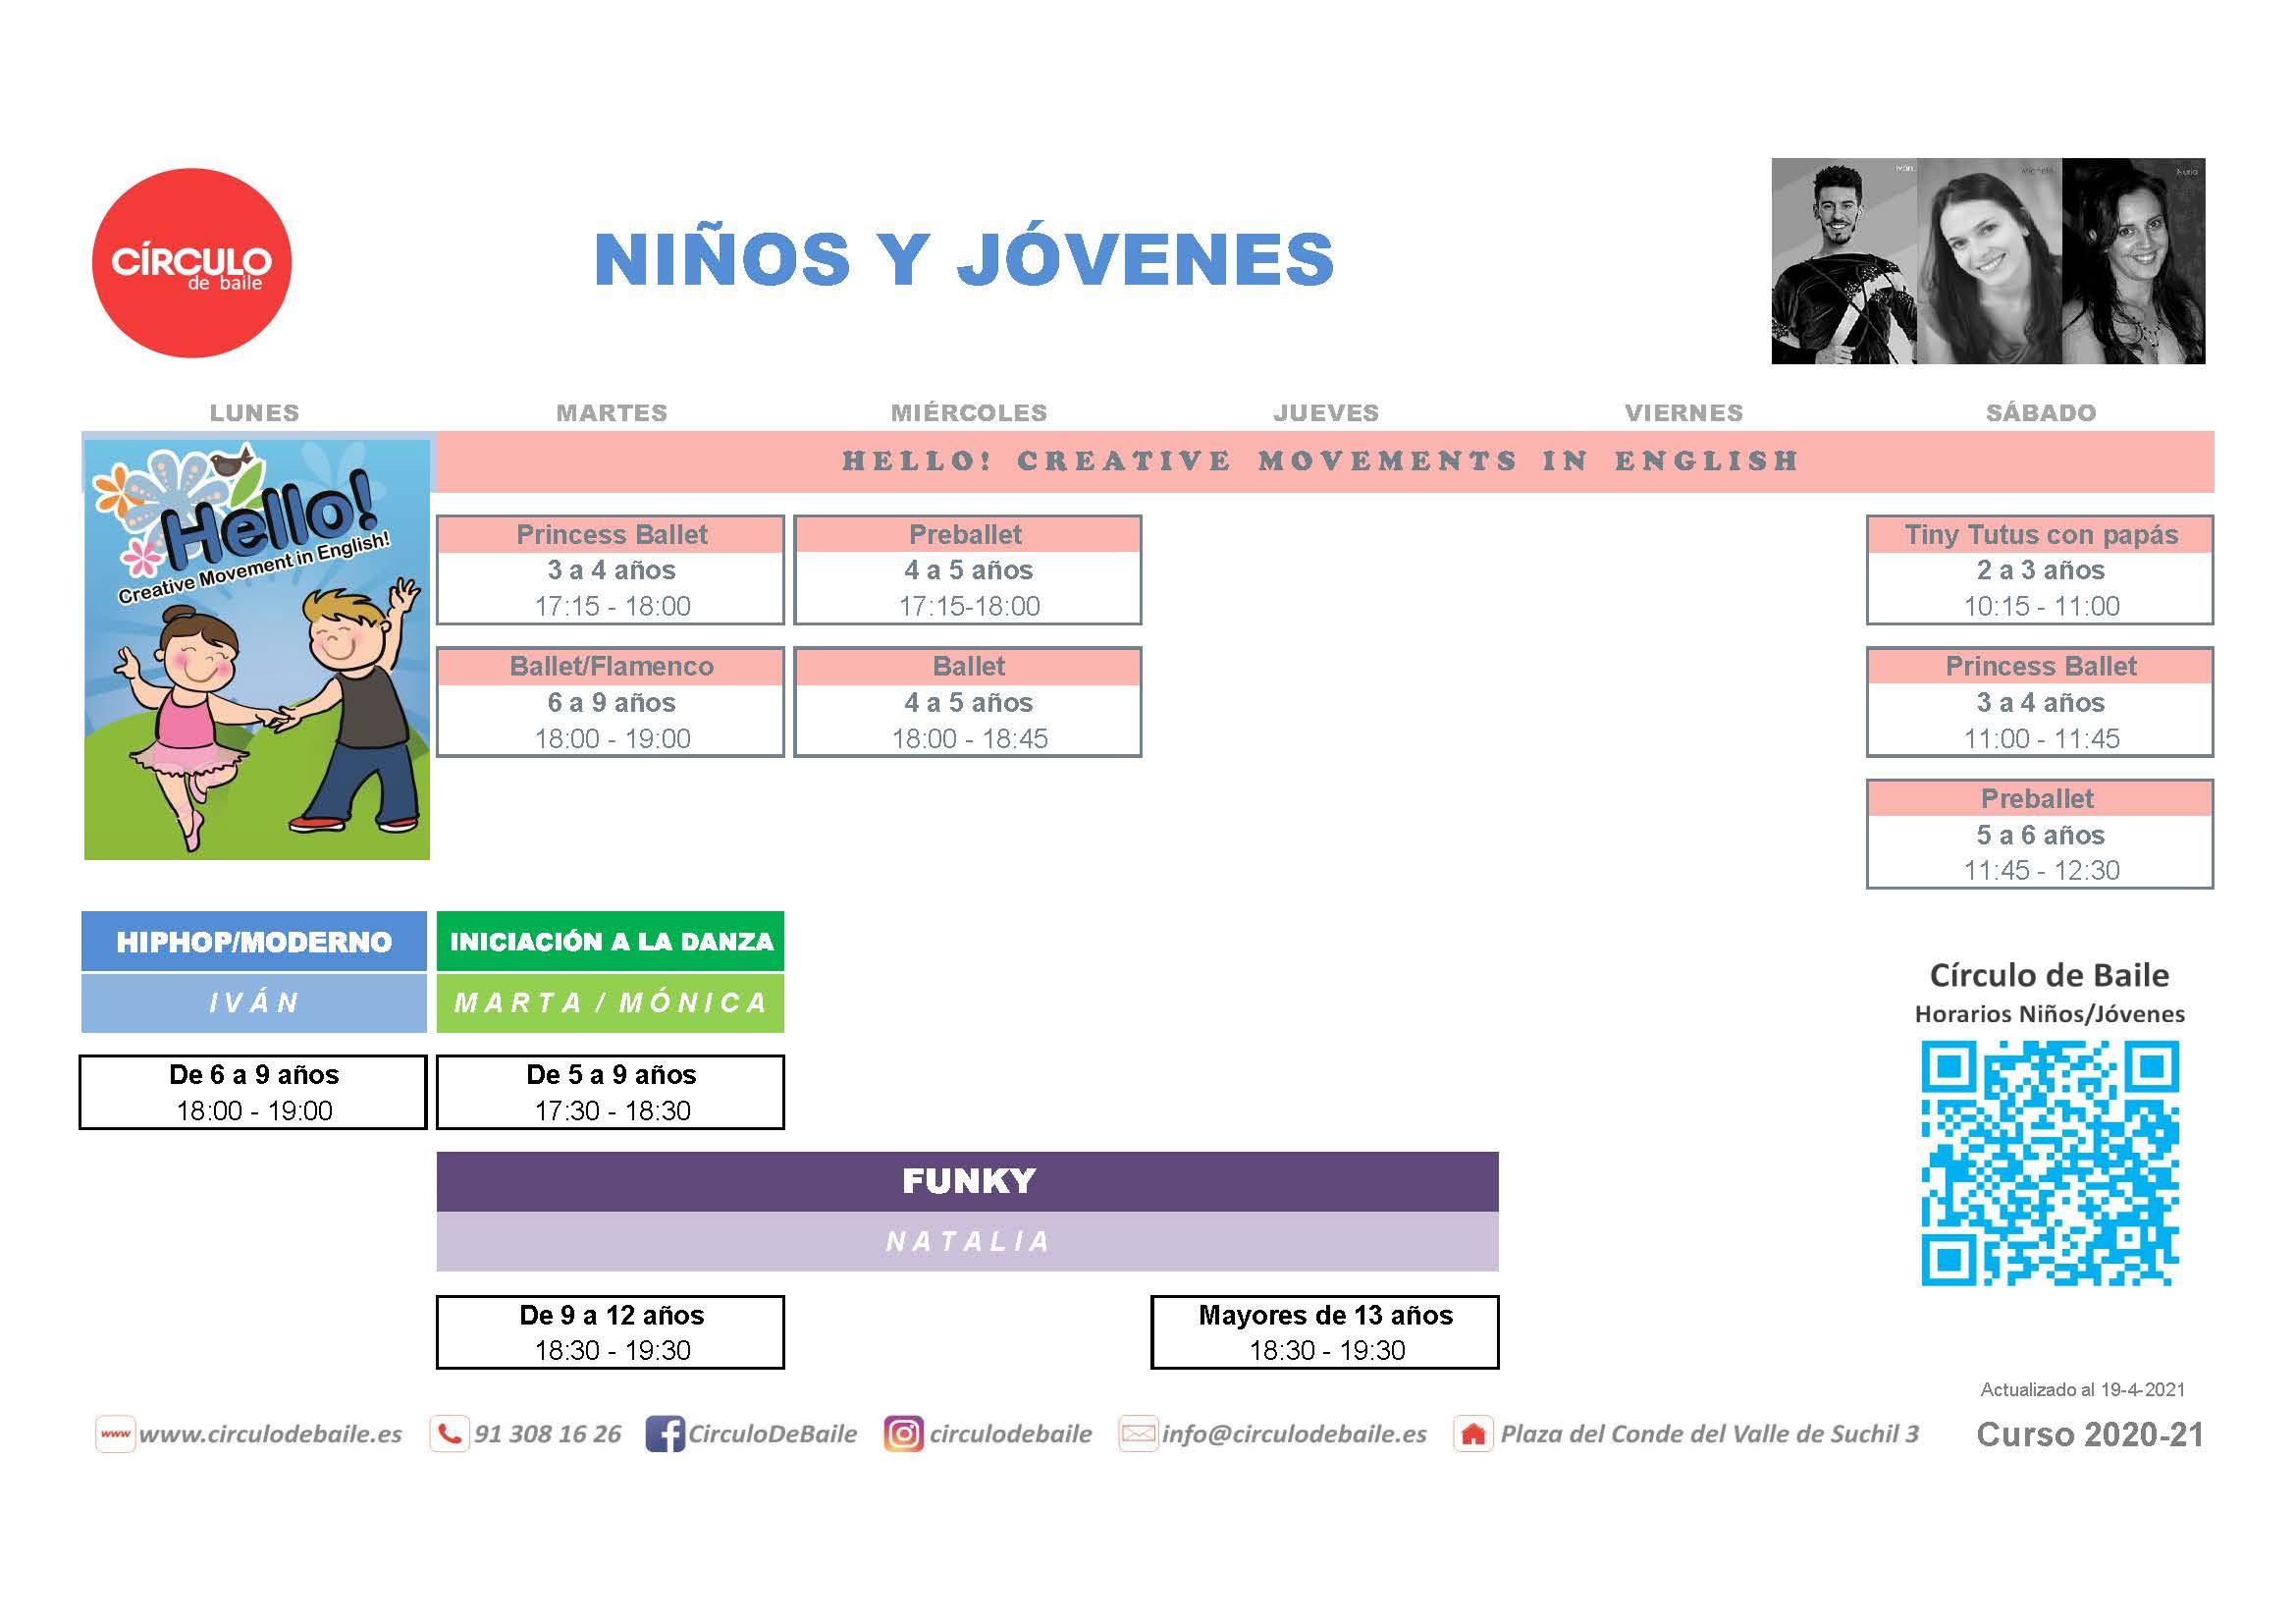 Horarios para niños y jóvenes del curso 2020-21 en Circulo de Baile